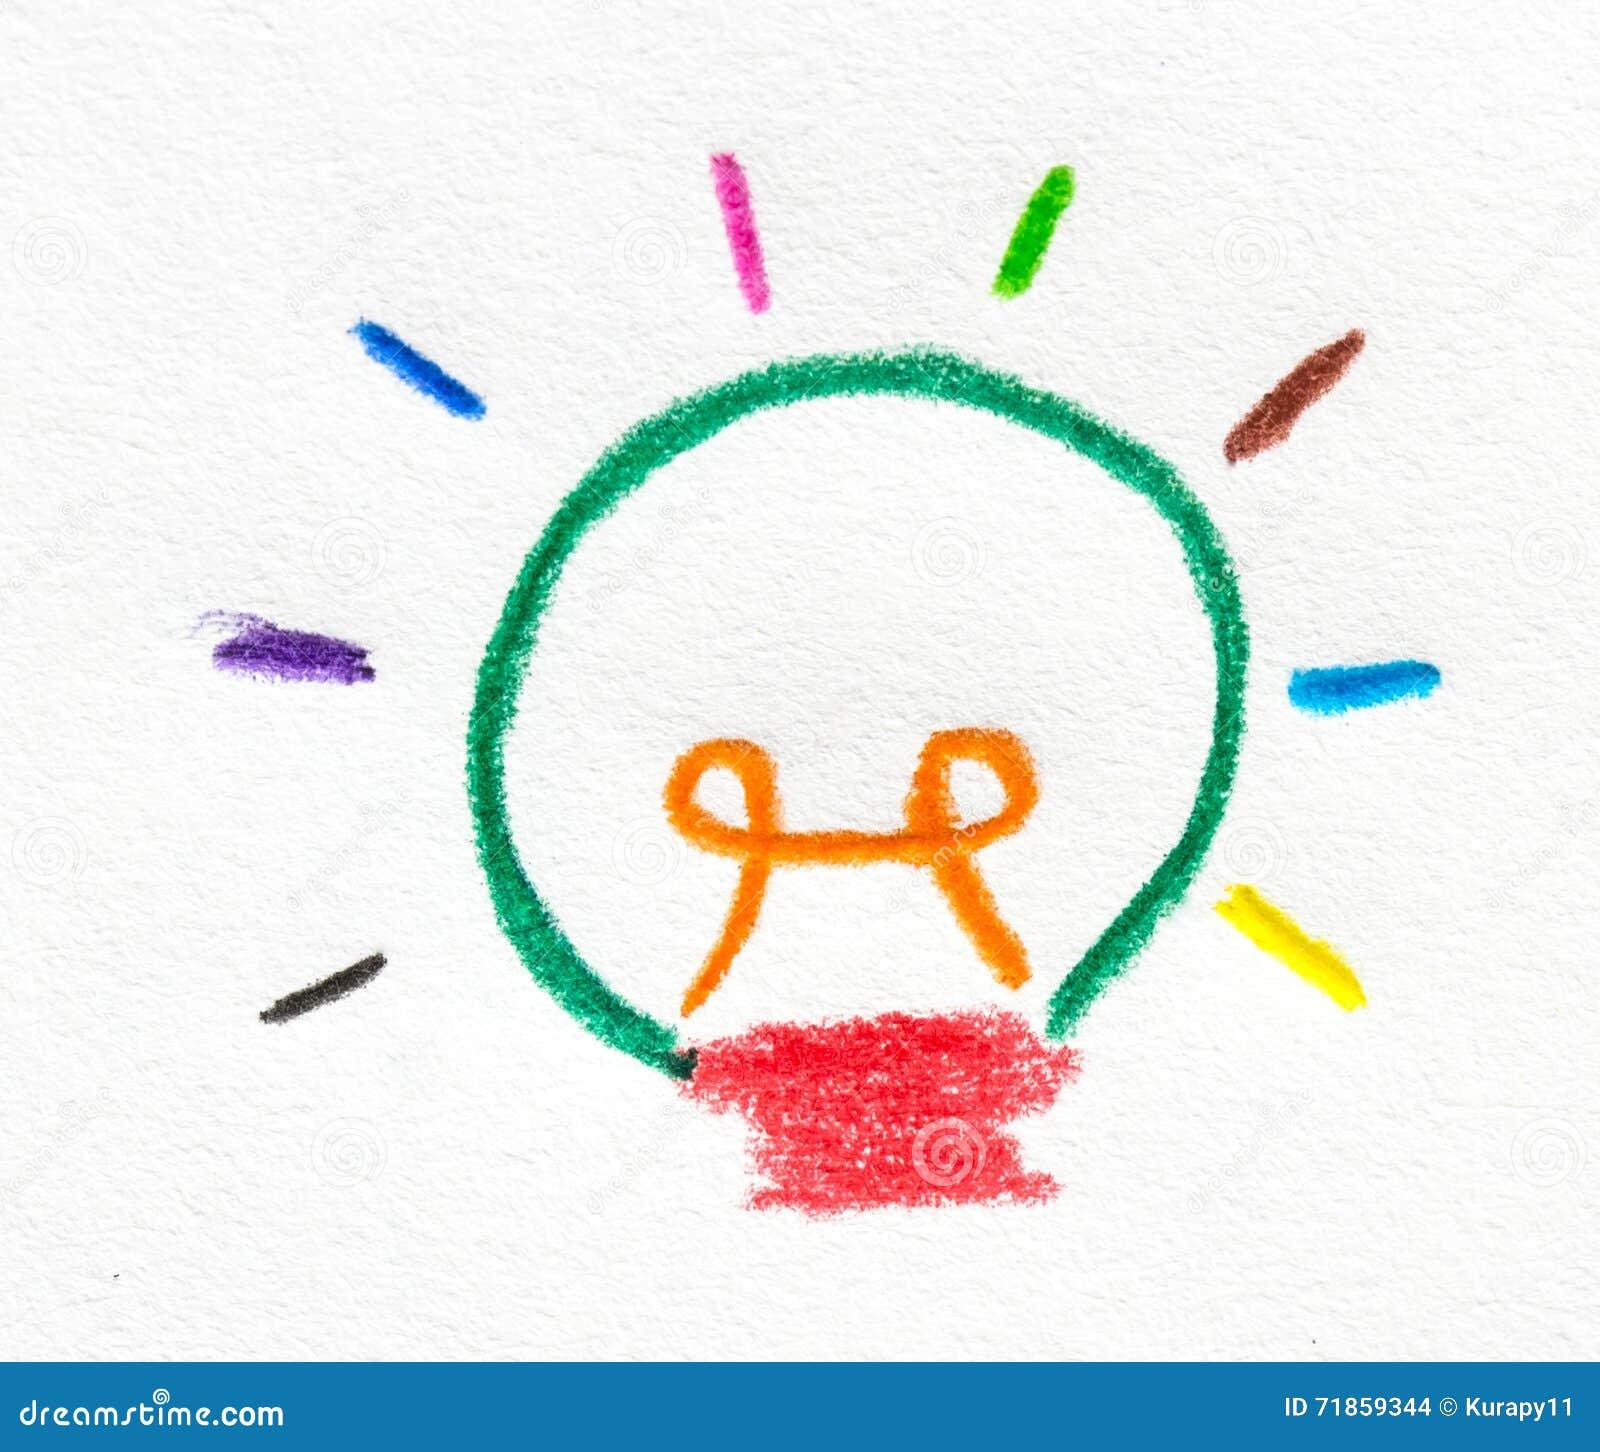 ampoule colore peinte par crayon en papier - Ampoule Colore